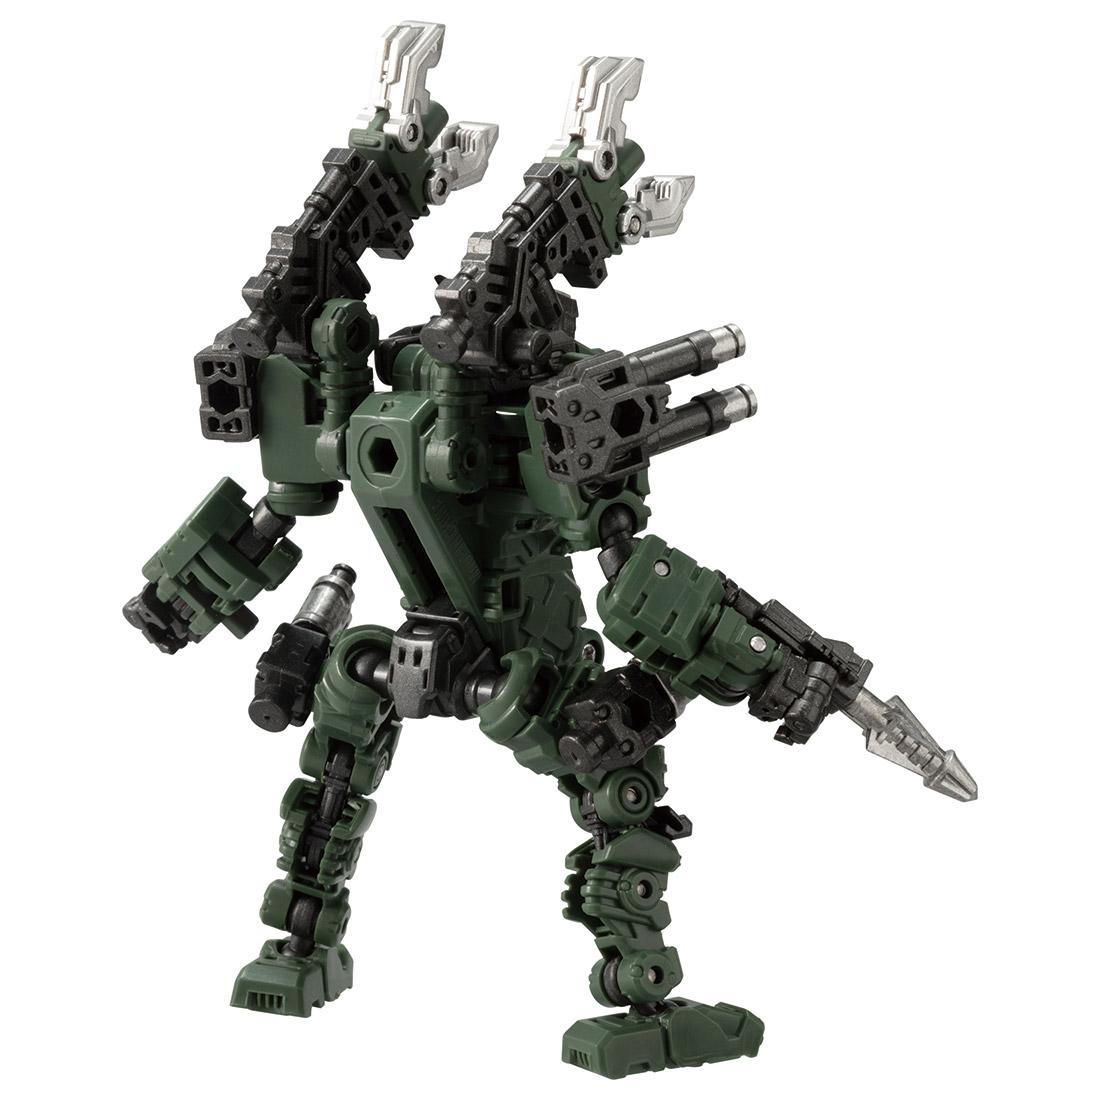 【限定販売】ダイアクロン『DA-49 パワードシステム マニューバイプシロン 宇宙海兵隊Ver』可動フィギュア-005